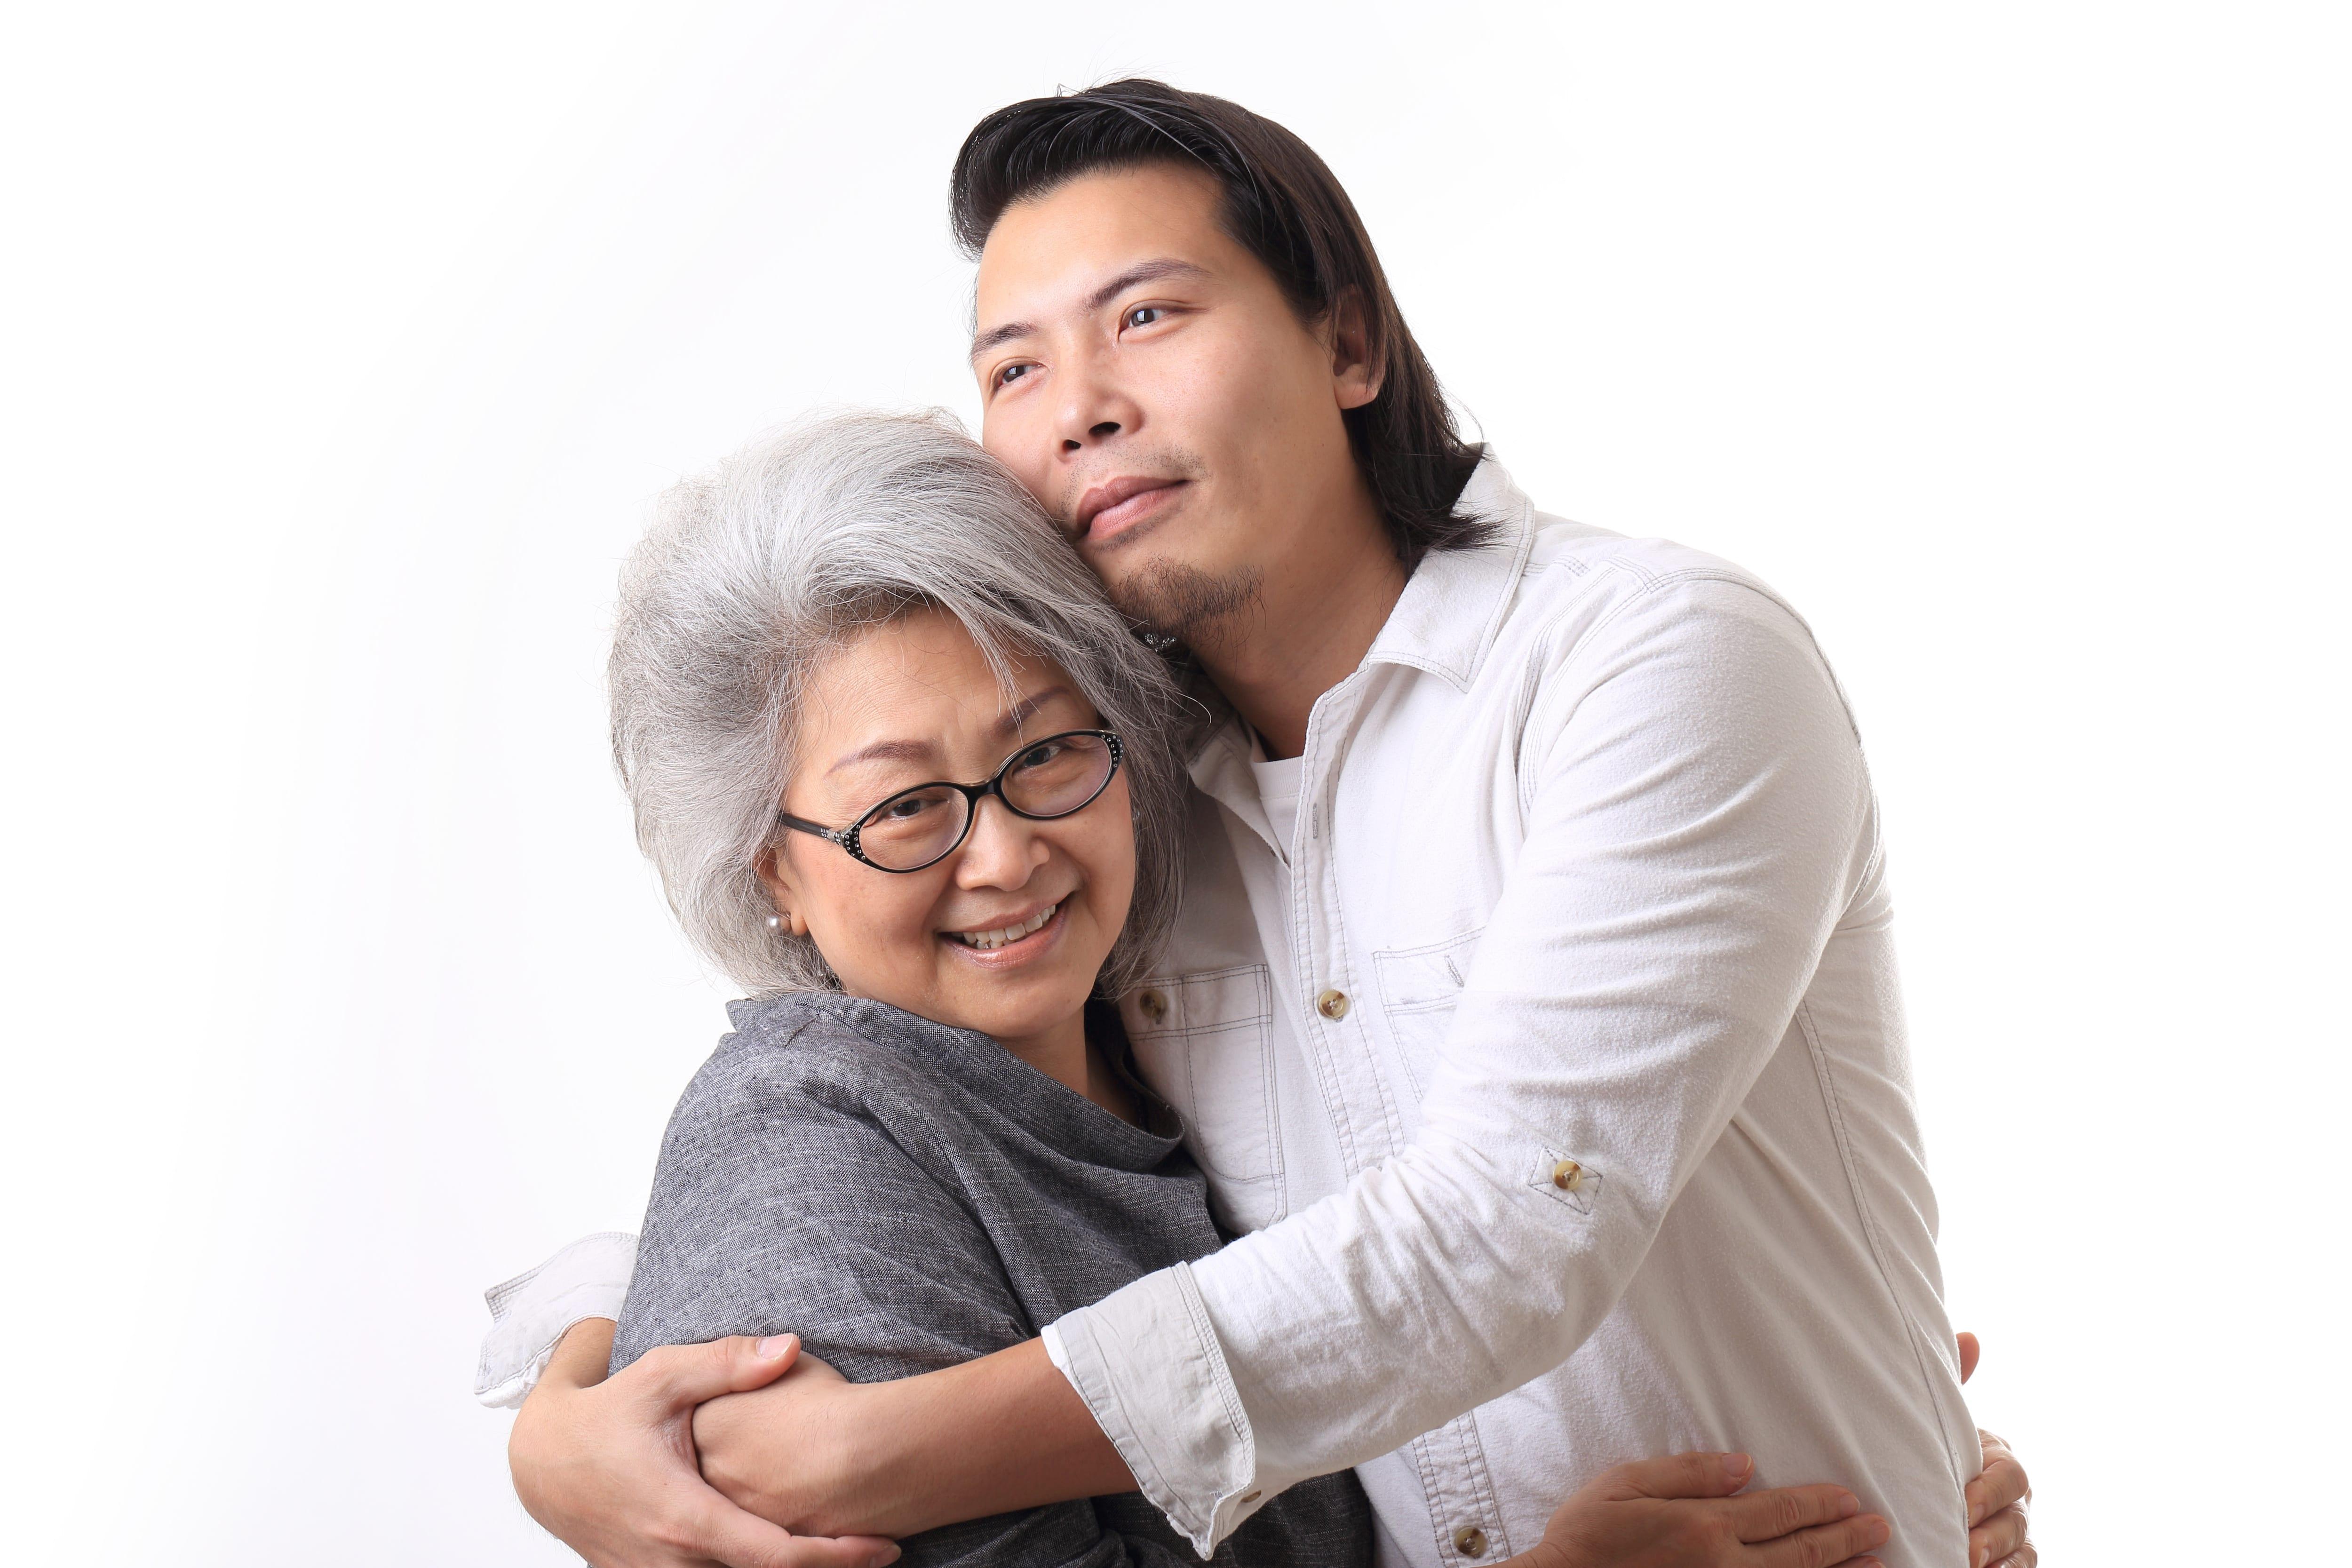 グラドル・吉沢さりぃが体験談を激白 「マザコン男」との恋愛はアリか ...